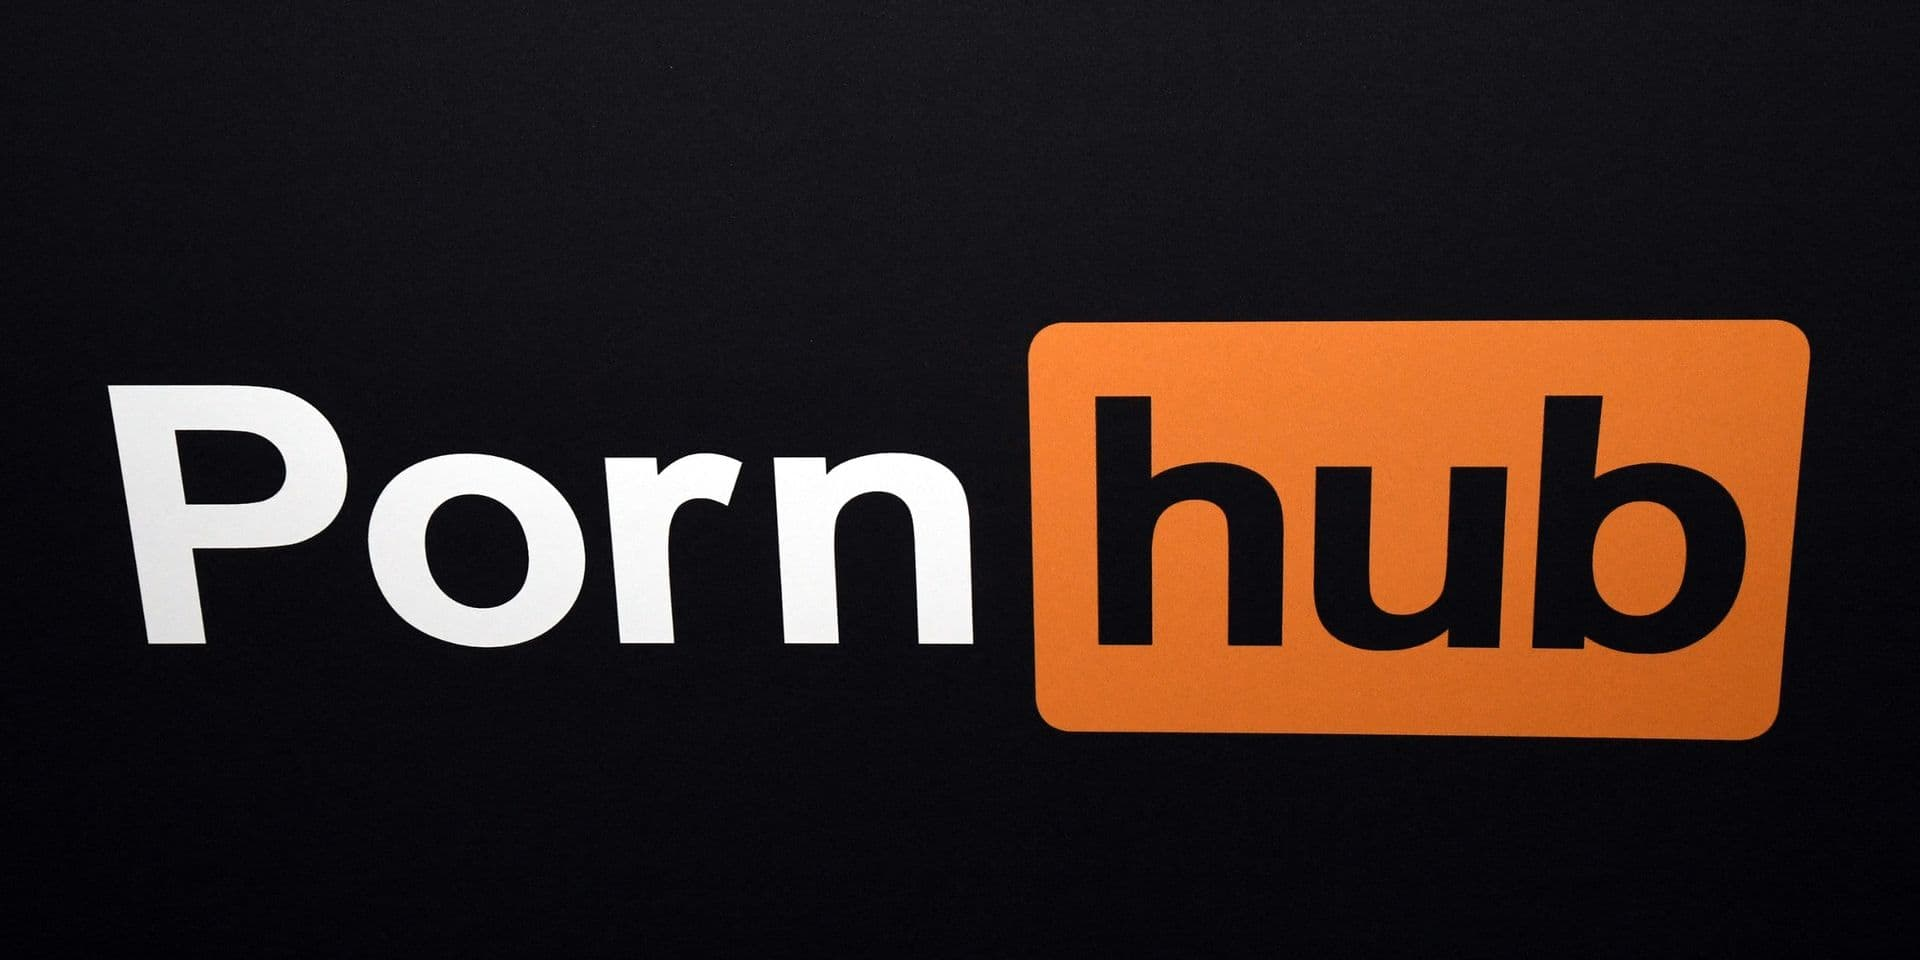 """Pornhub poursuivi par 34 plaignantes pour abus sexuels : """"Il s'agit d'une affaire qui porte sur des viols, pas sur de la pornographie"""""""